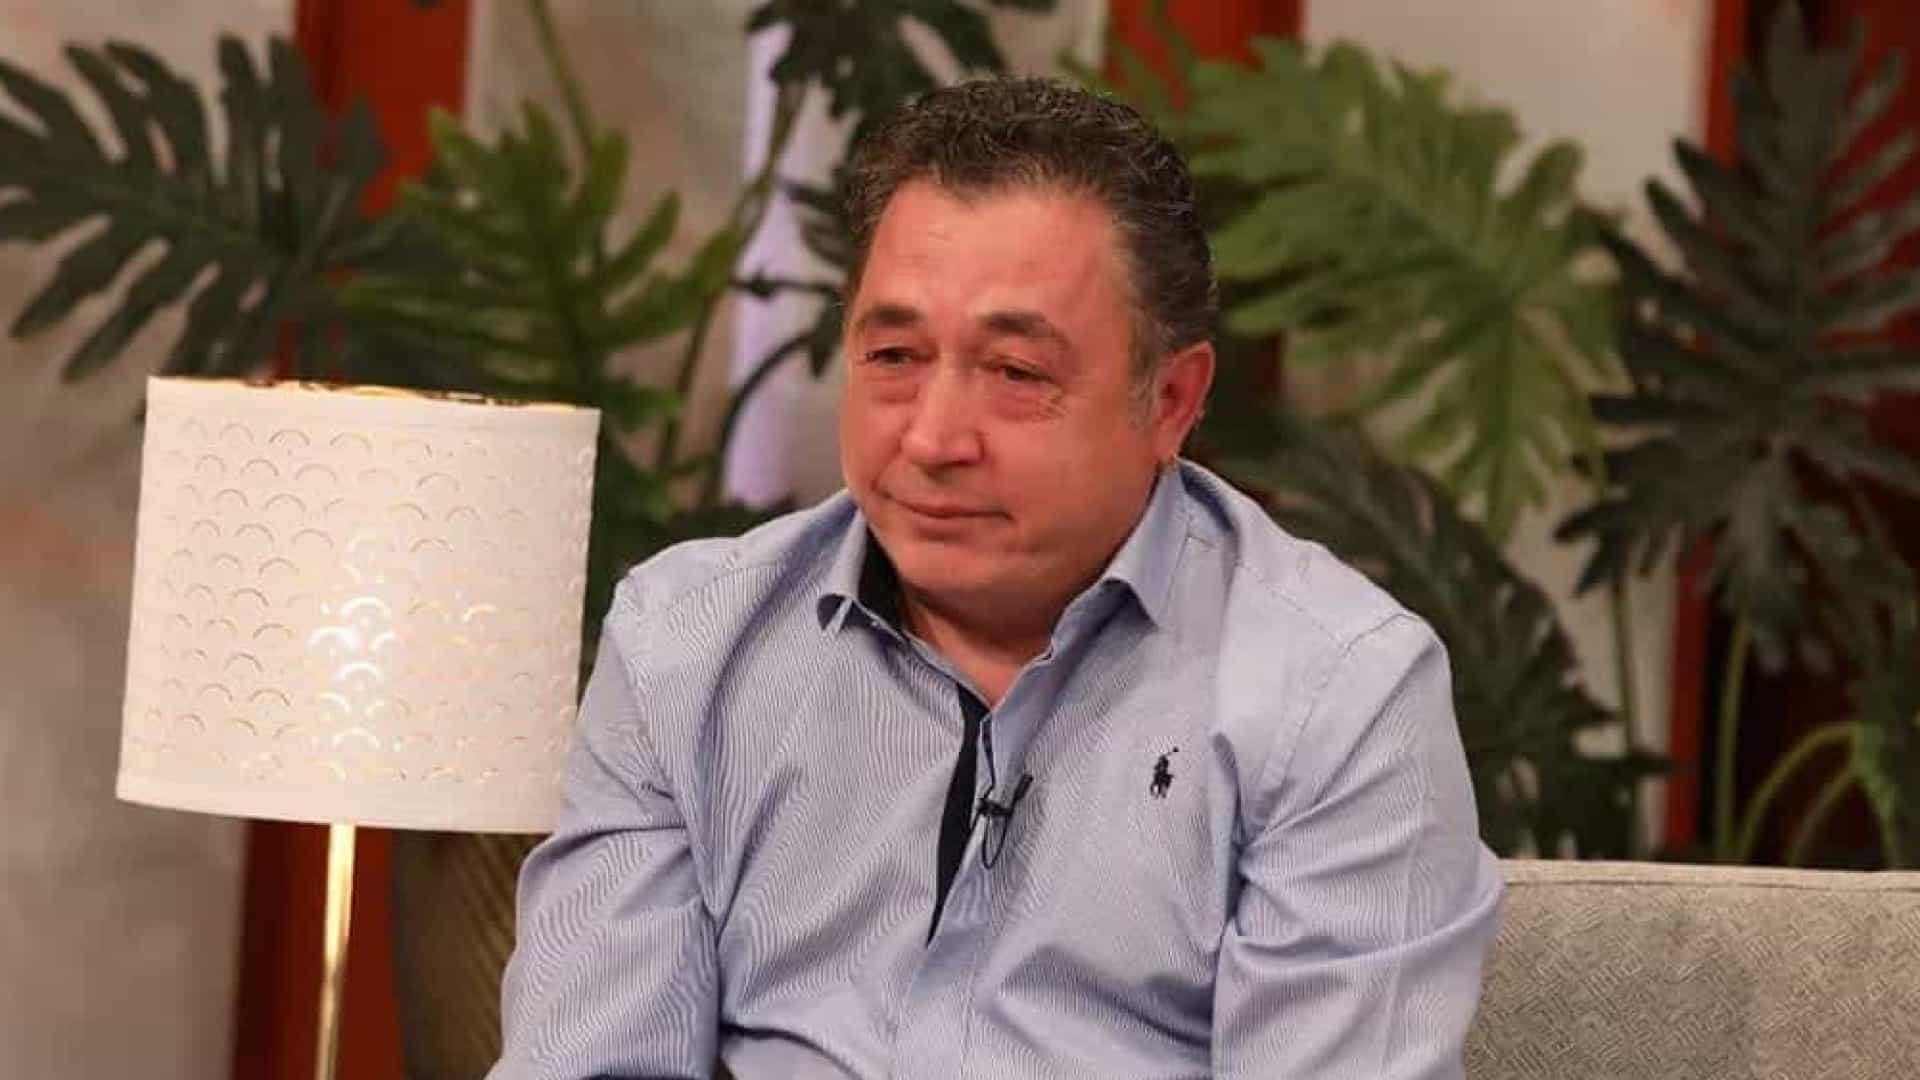 Grupo de apoio a António Gonçalves revela que irmã morreu de Covid-19